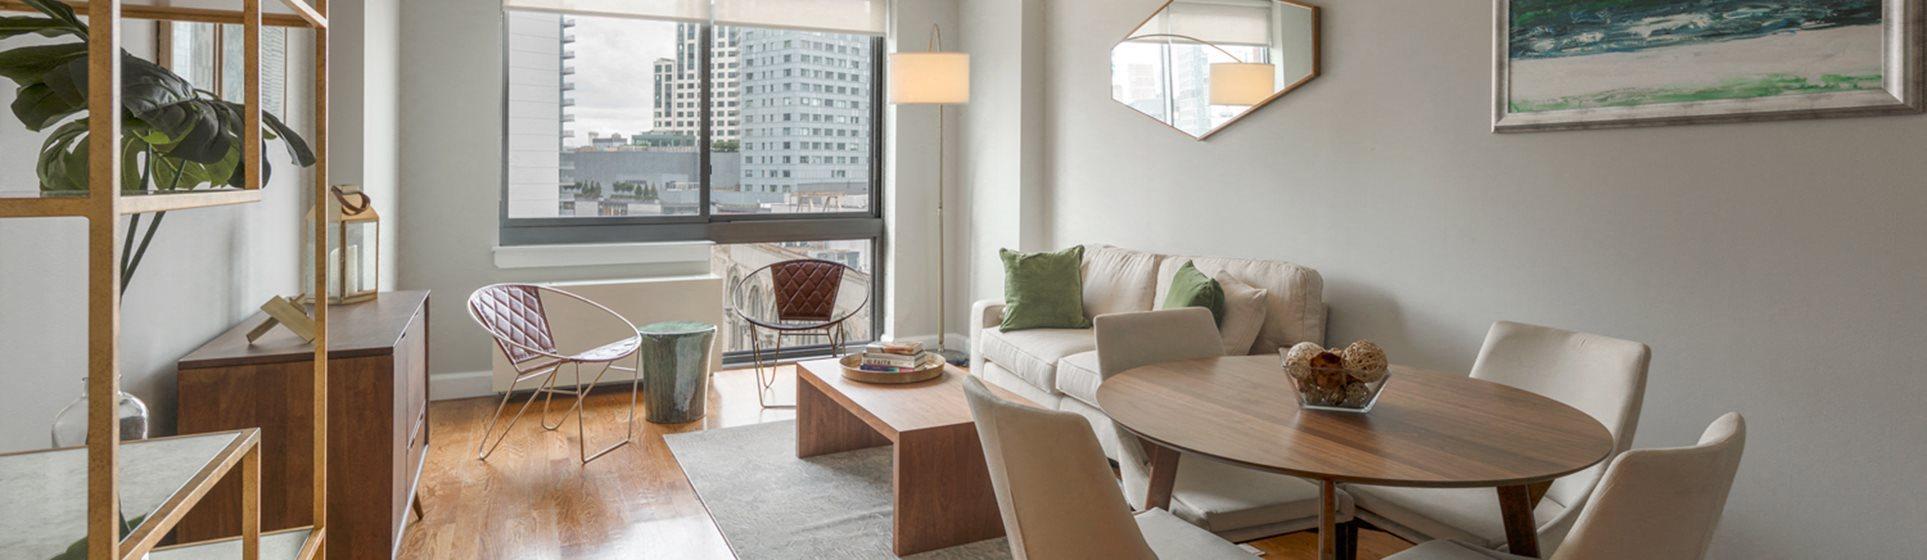 The Addison apartments, NY